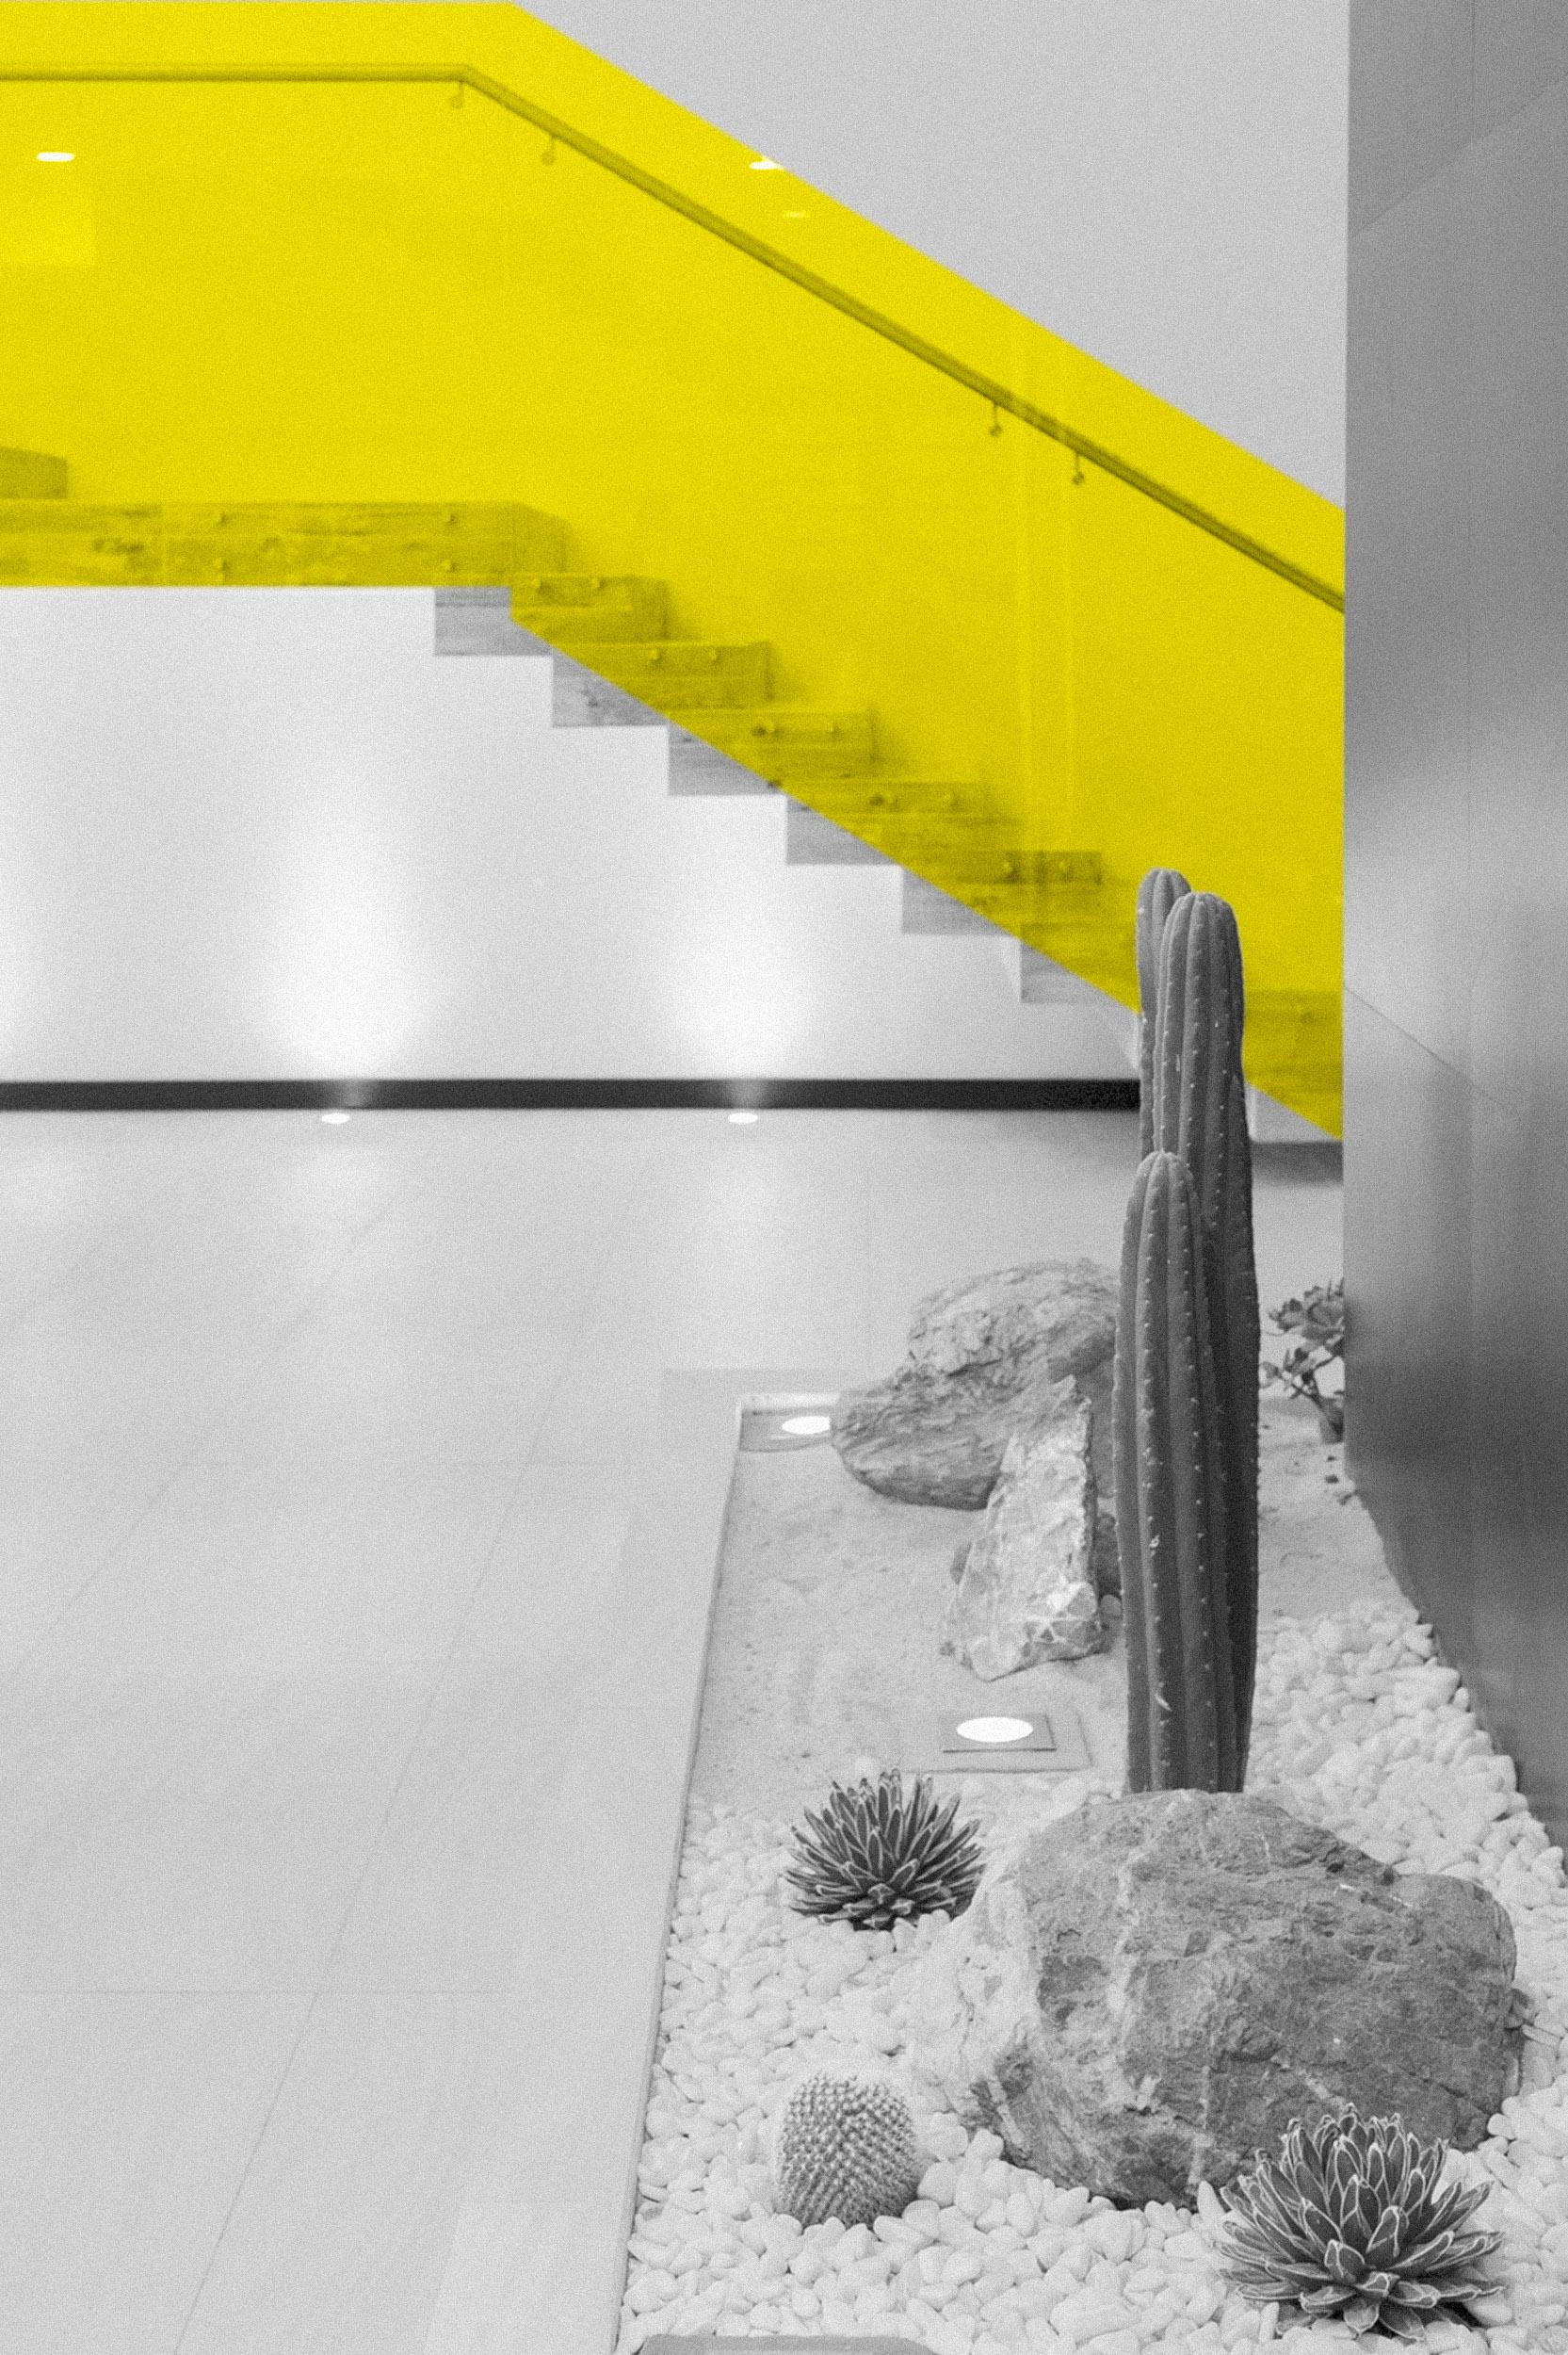 Pasamanos - Vidrio firme y resistente que facilita la visión integral del espacio interior donde se encuentra, además de conferir un estilo moderno al lugar.